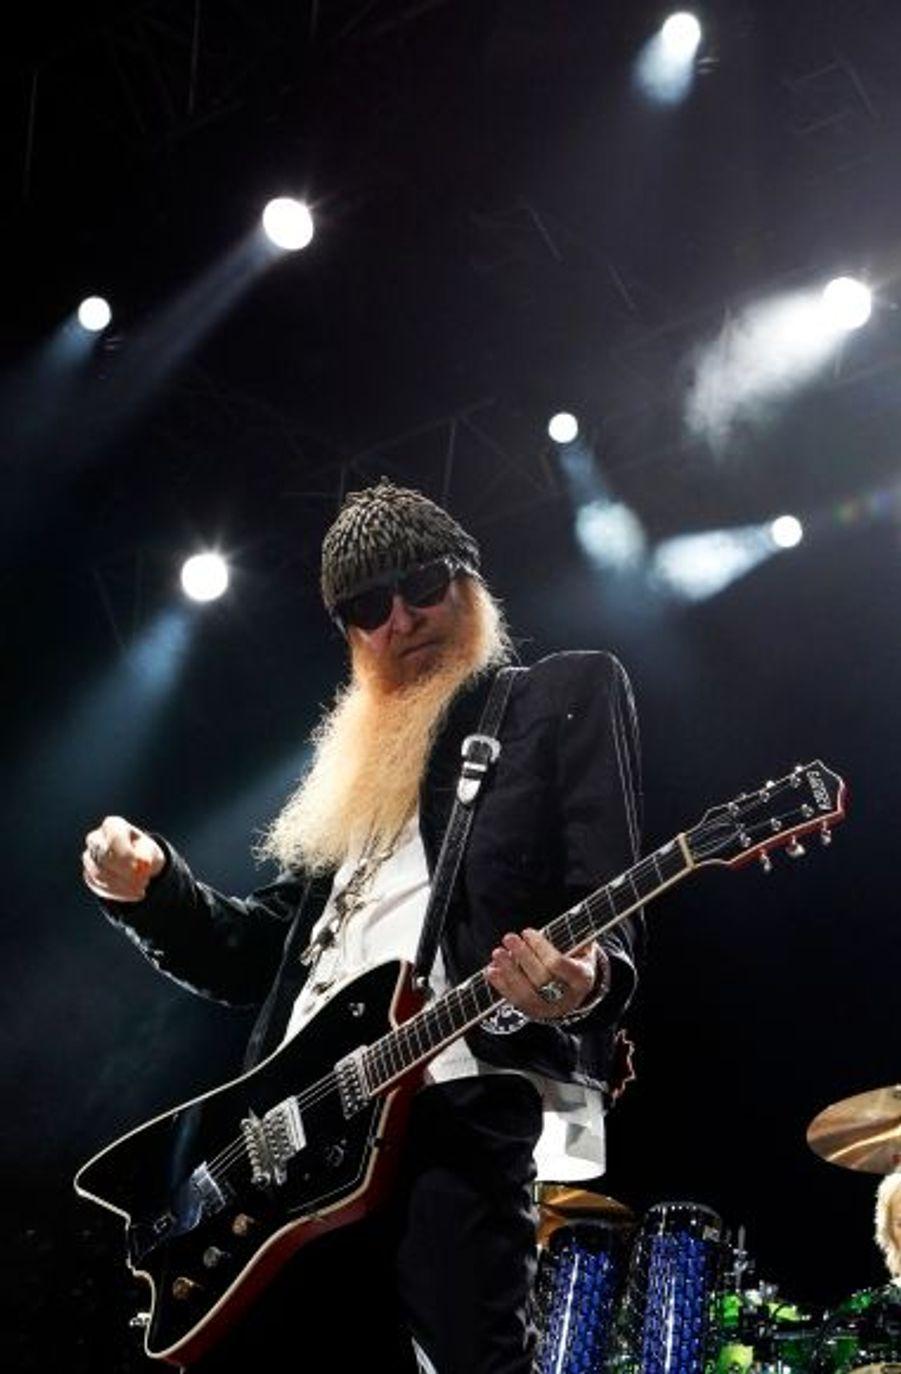 Le génial guitariste des ZZ Top, Billy Gibbons